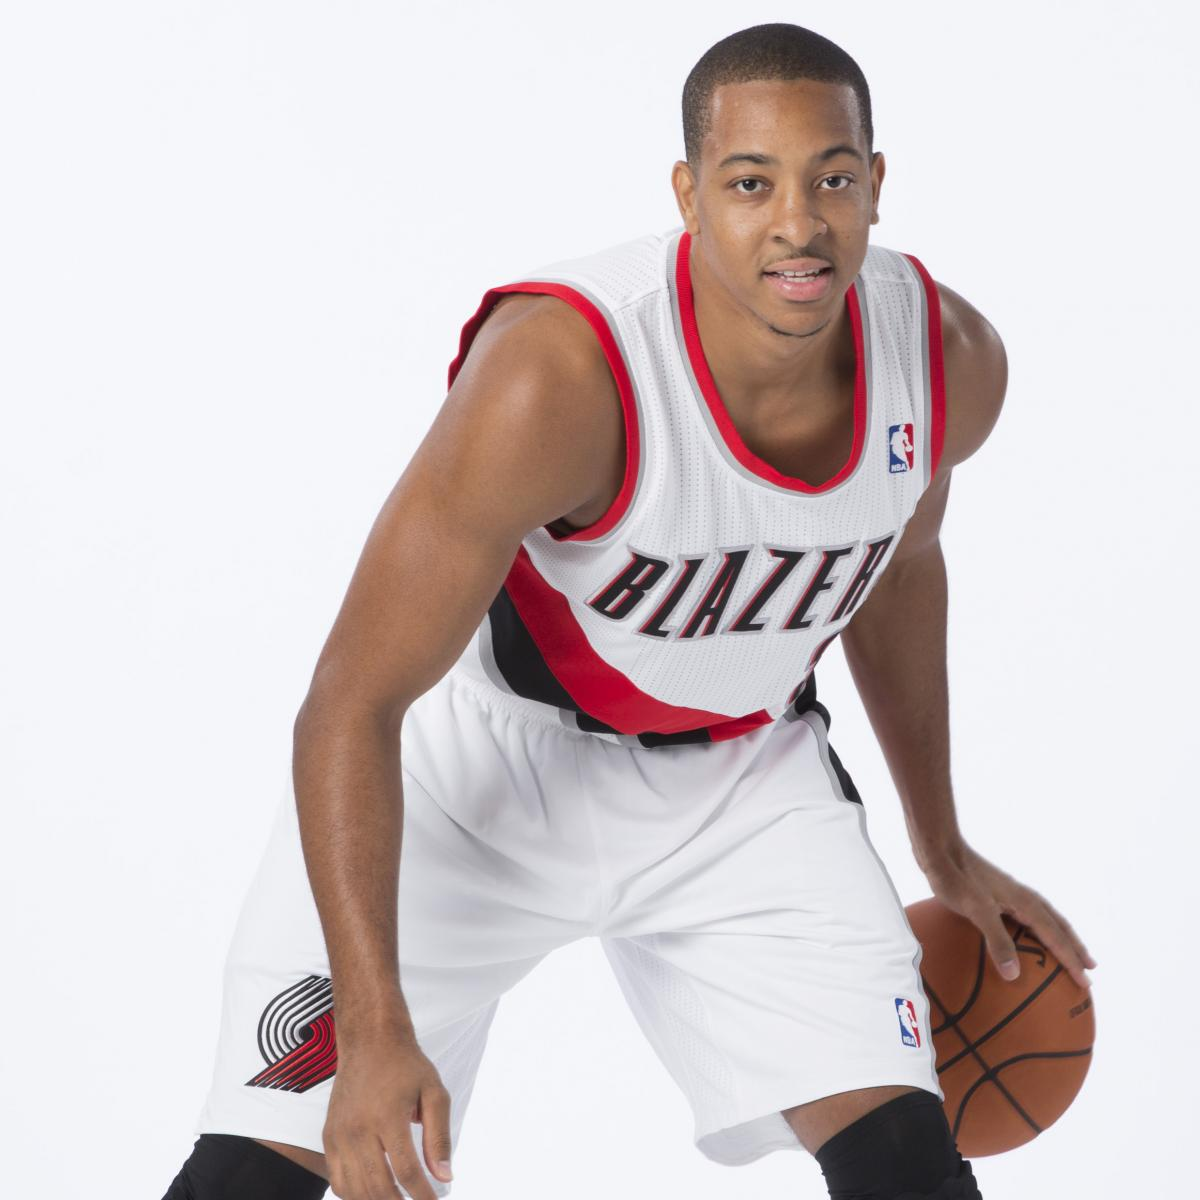 Portland Trail Blazers Injury News: CJ McCollum Injury: Updates On Trail Blazers Guard's Foot